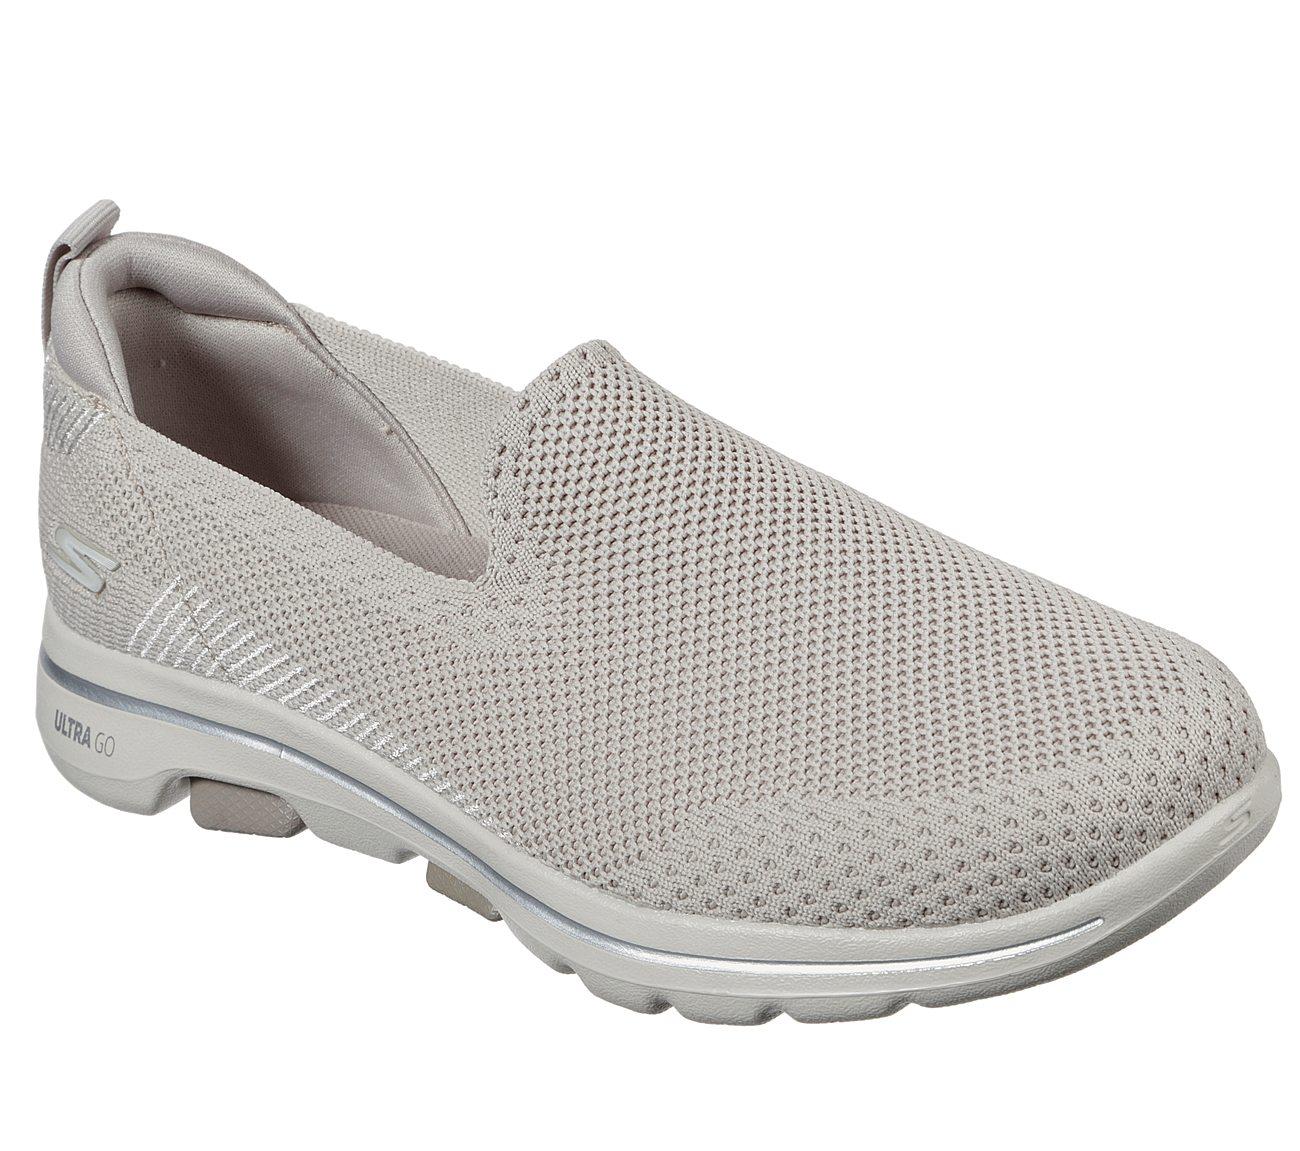 Skechers Skechers Women's GOwalk 5 Trendy Athletic Shoes, Gray 9.5 from SKECHERS | ShapeShop